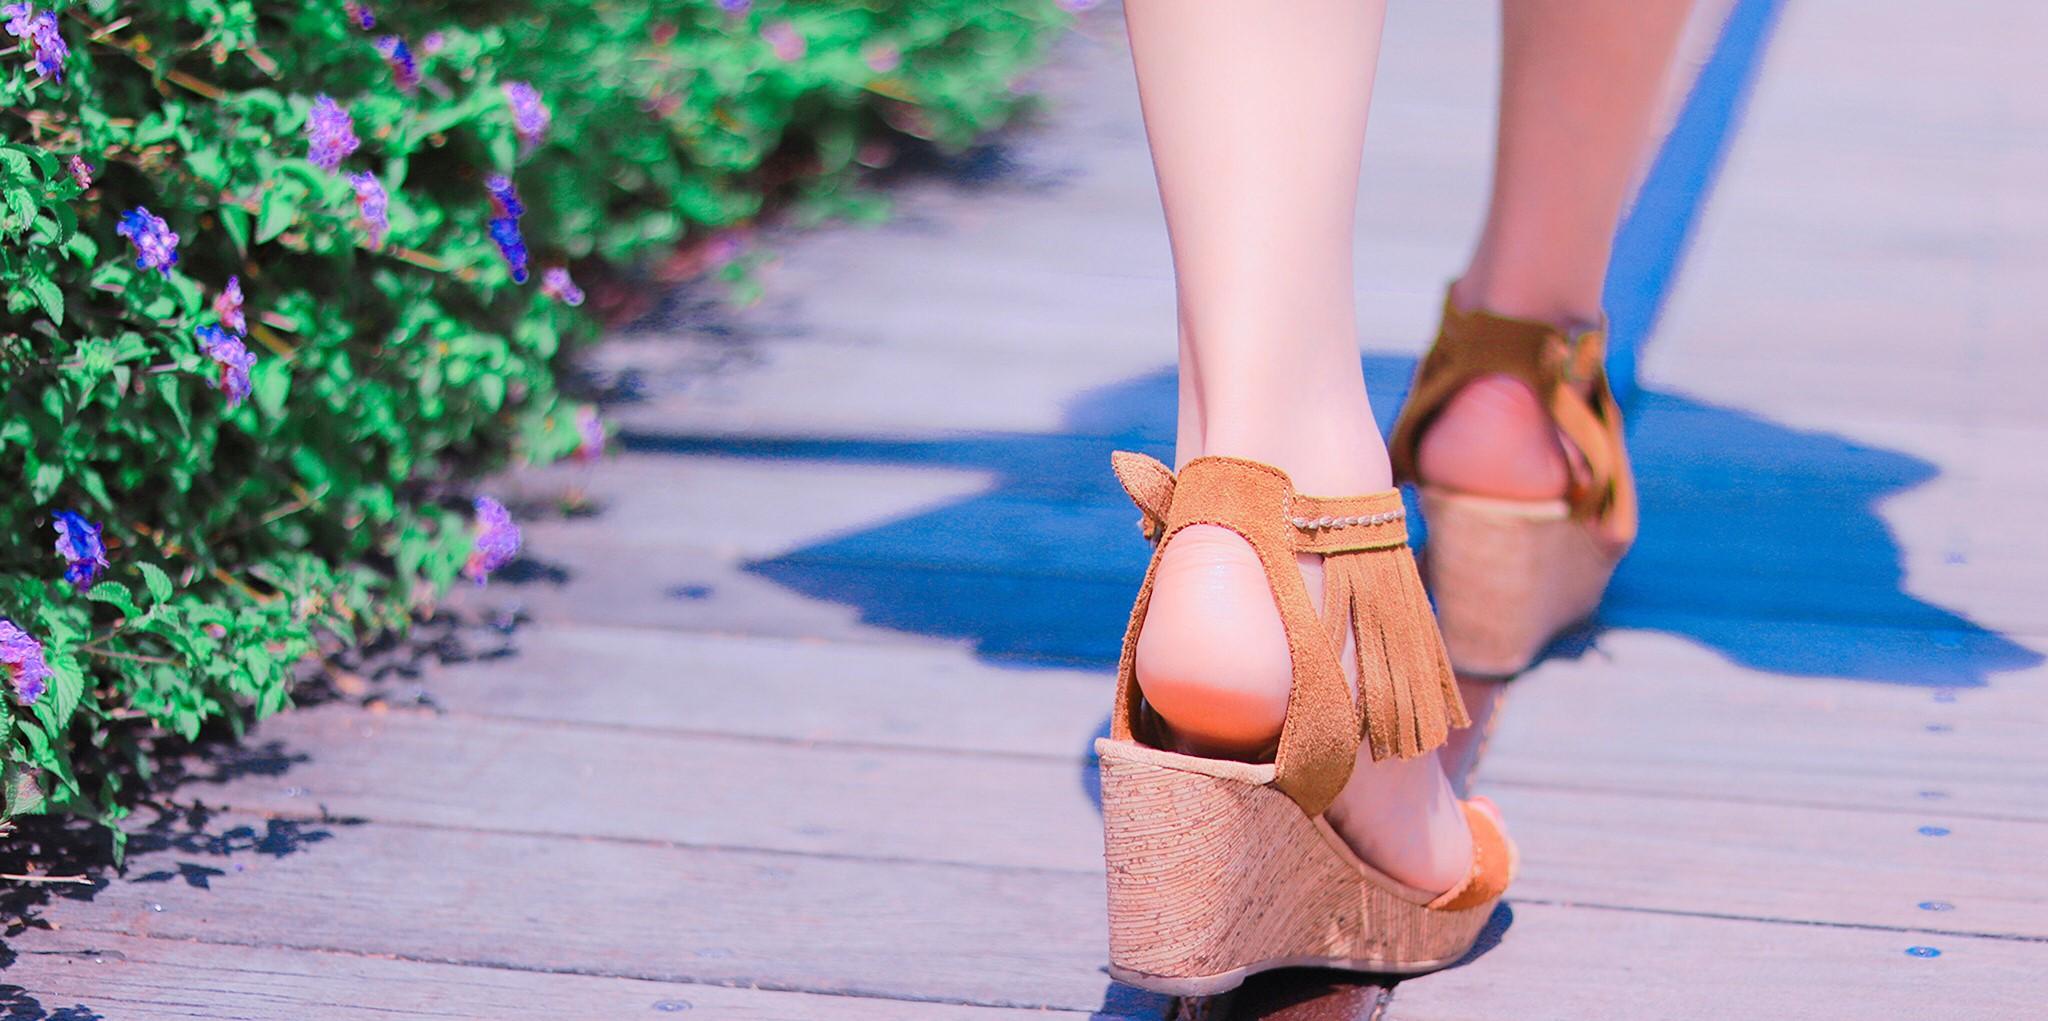 ほぐし処とりっぷまでの行き方歩いている女性の足画像